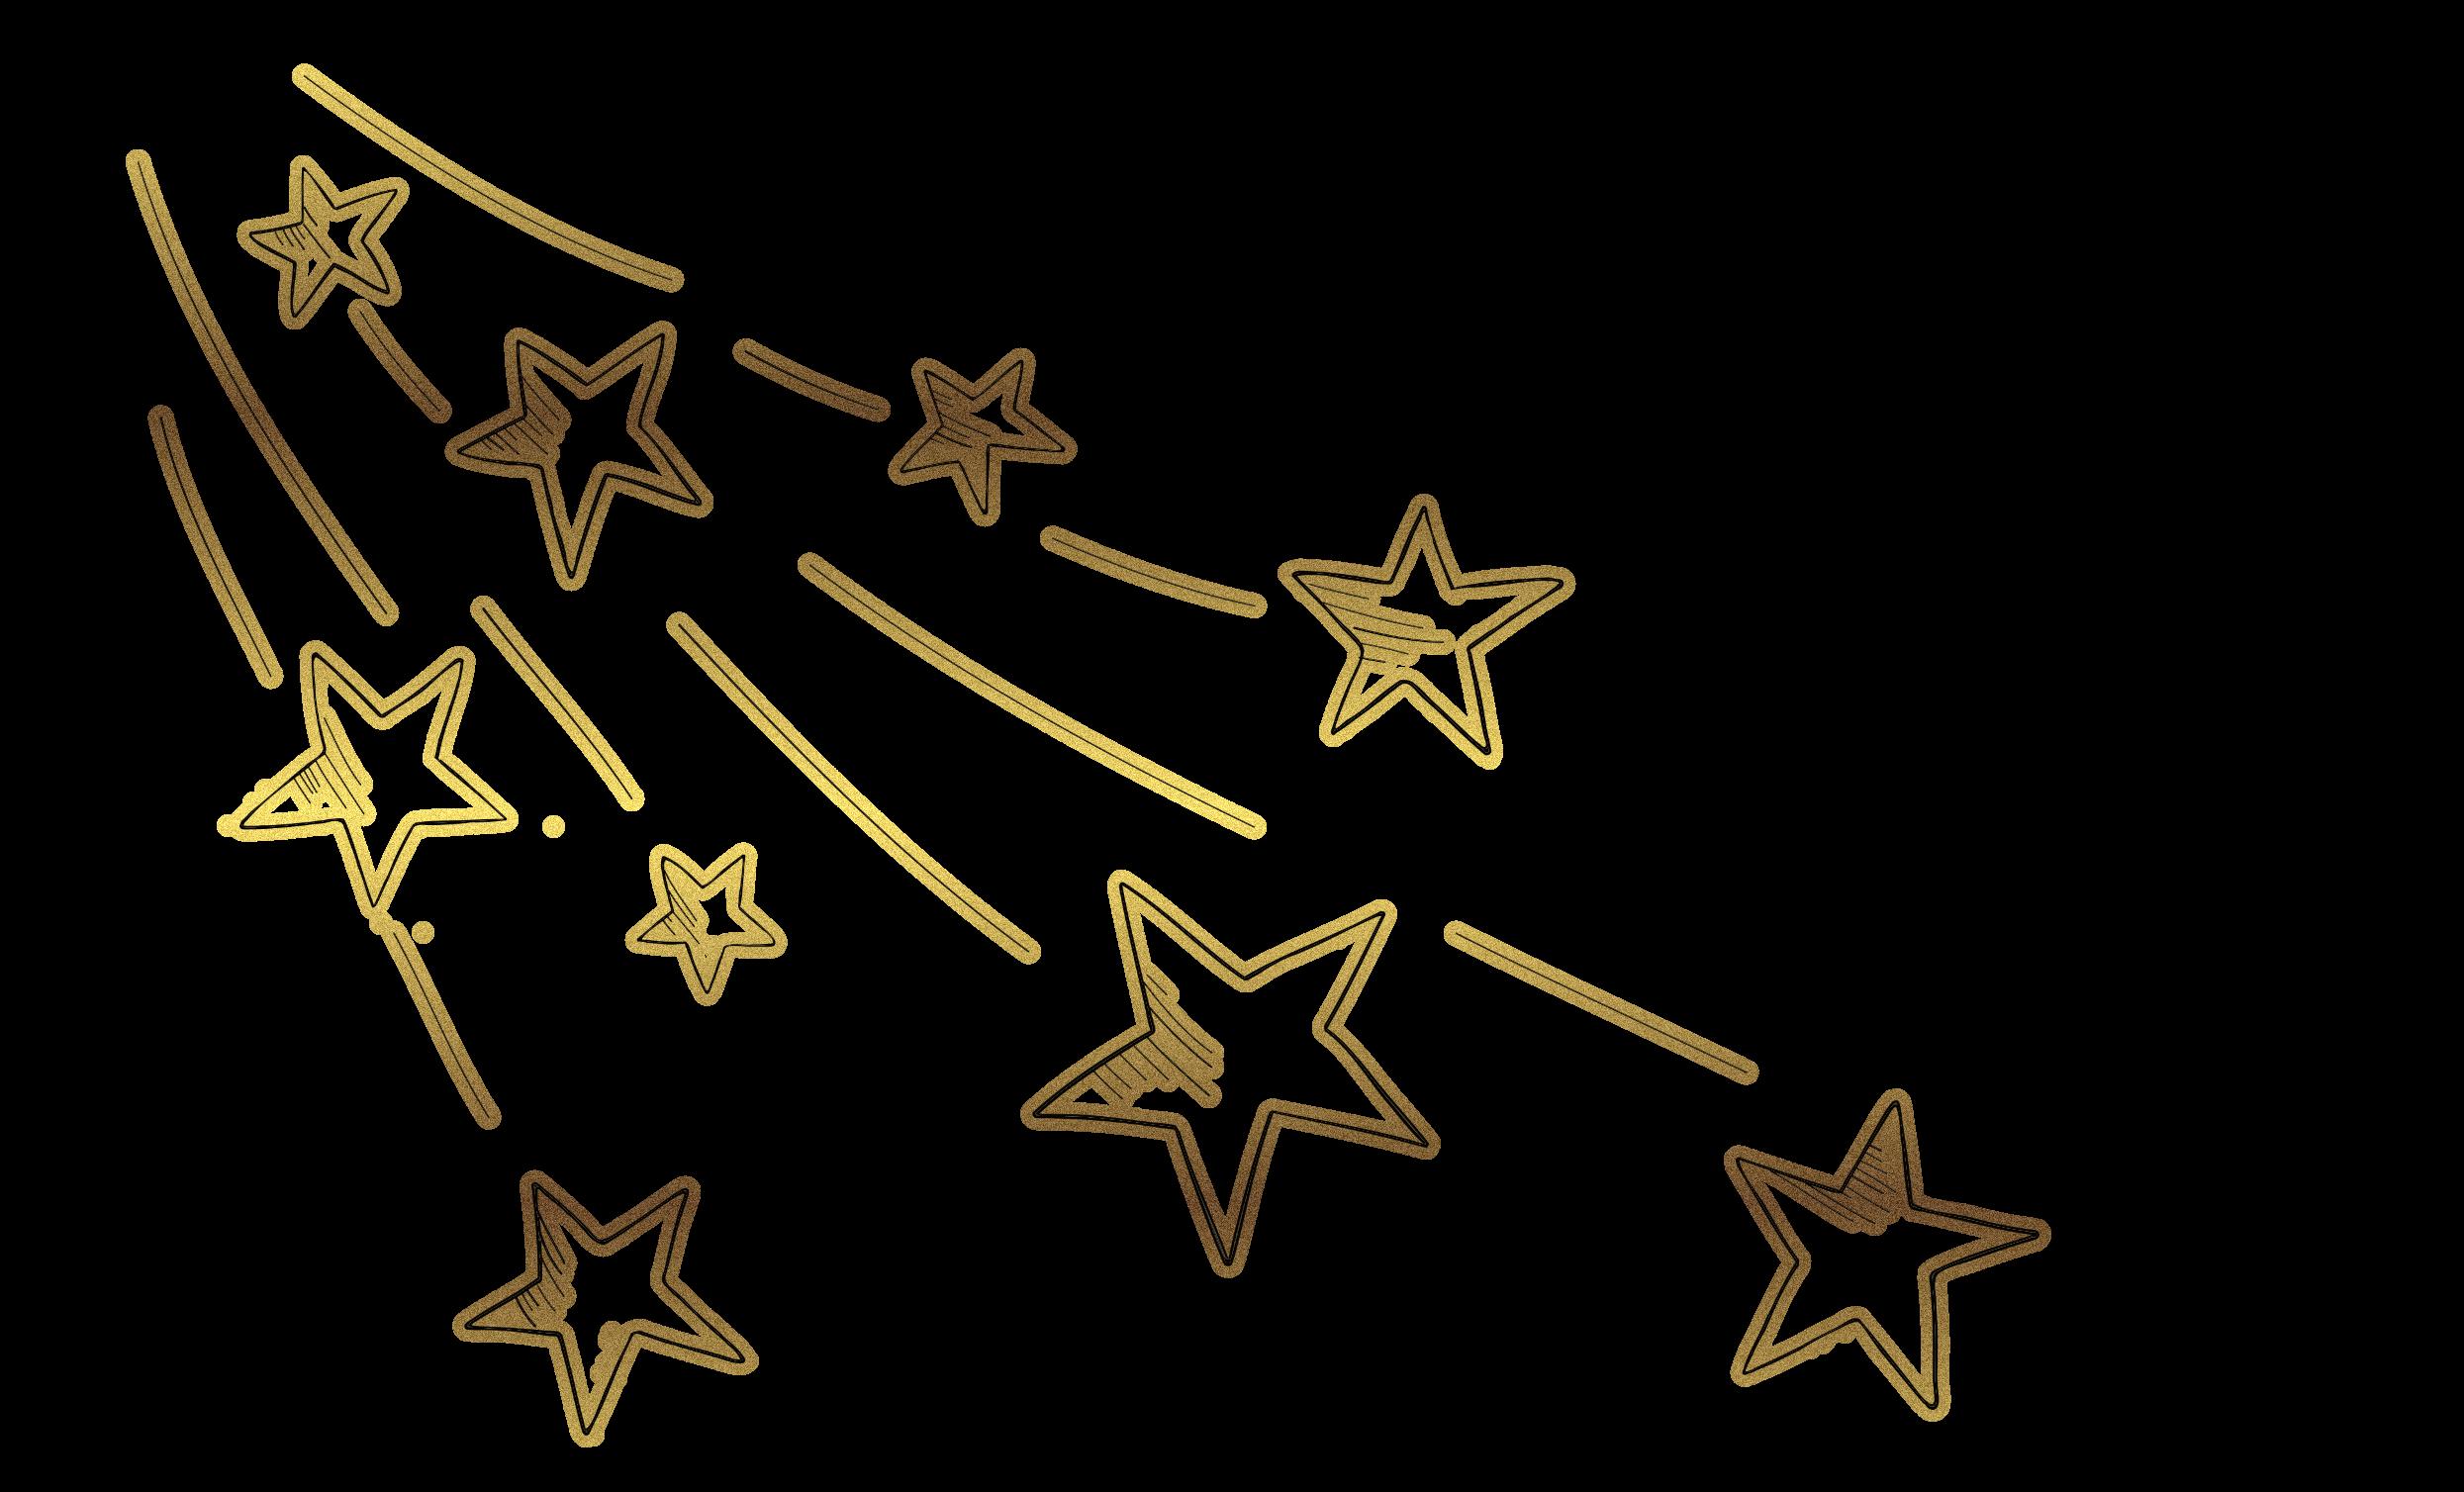 Fliegende Sterne